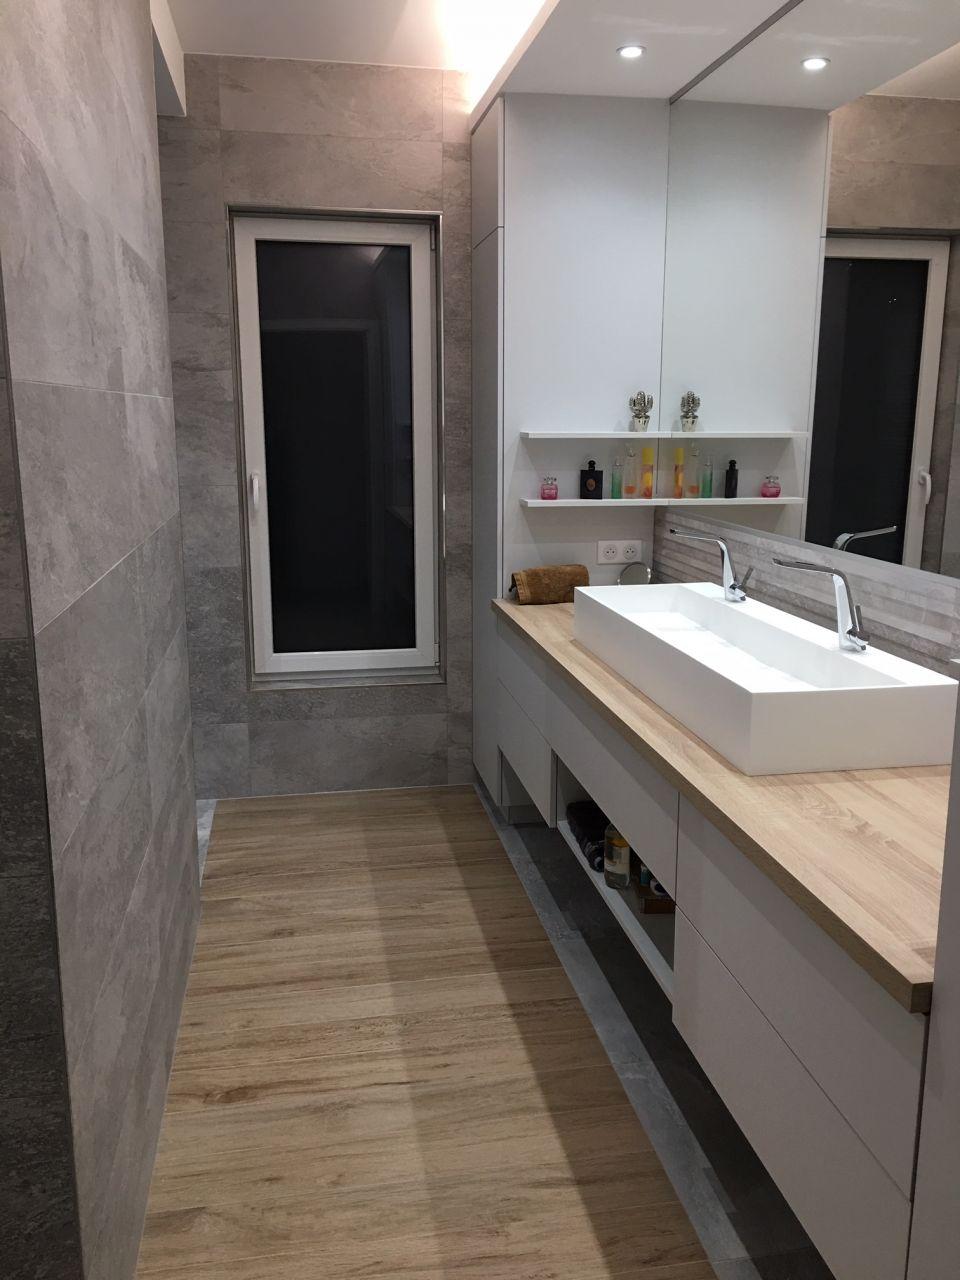 Salle de bain principale avec grand miroir